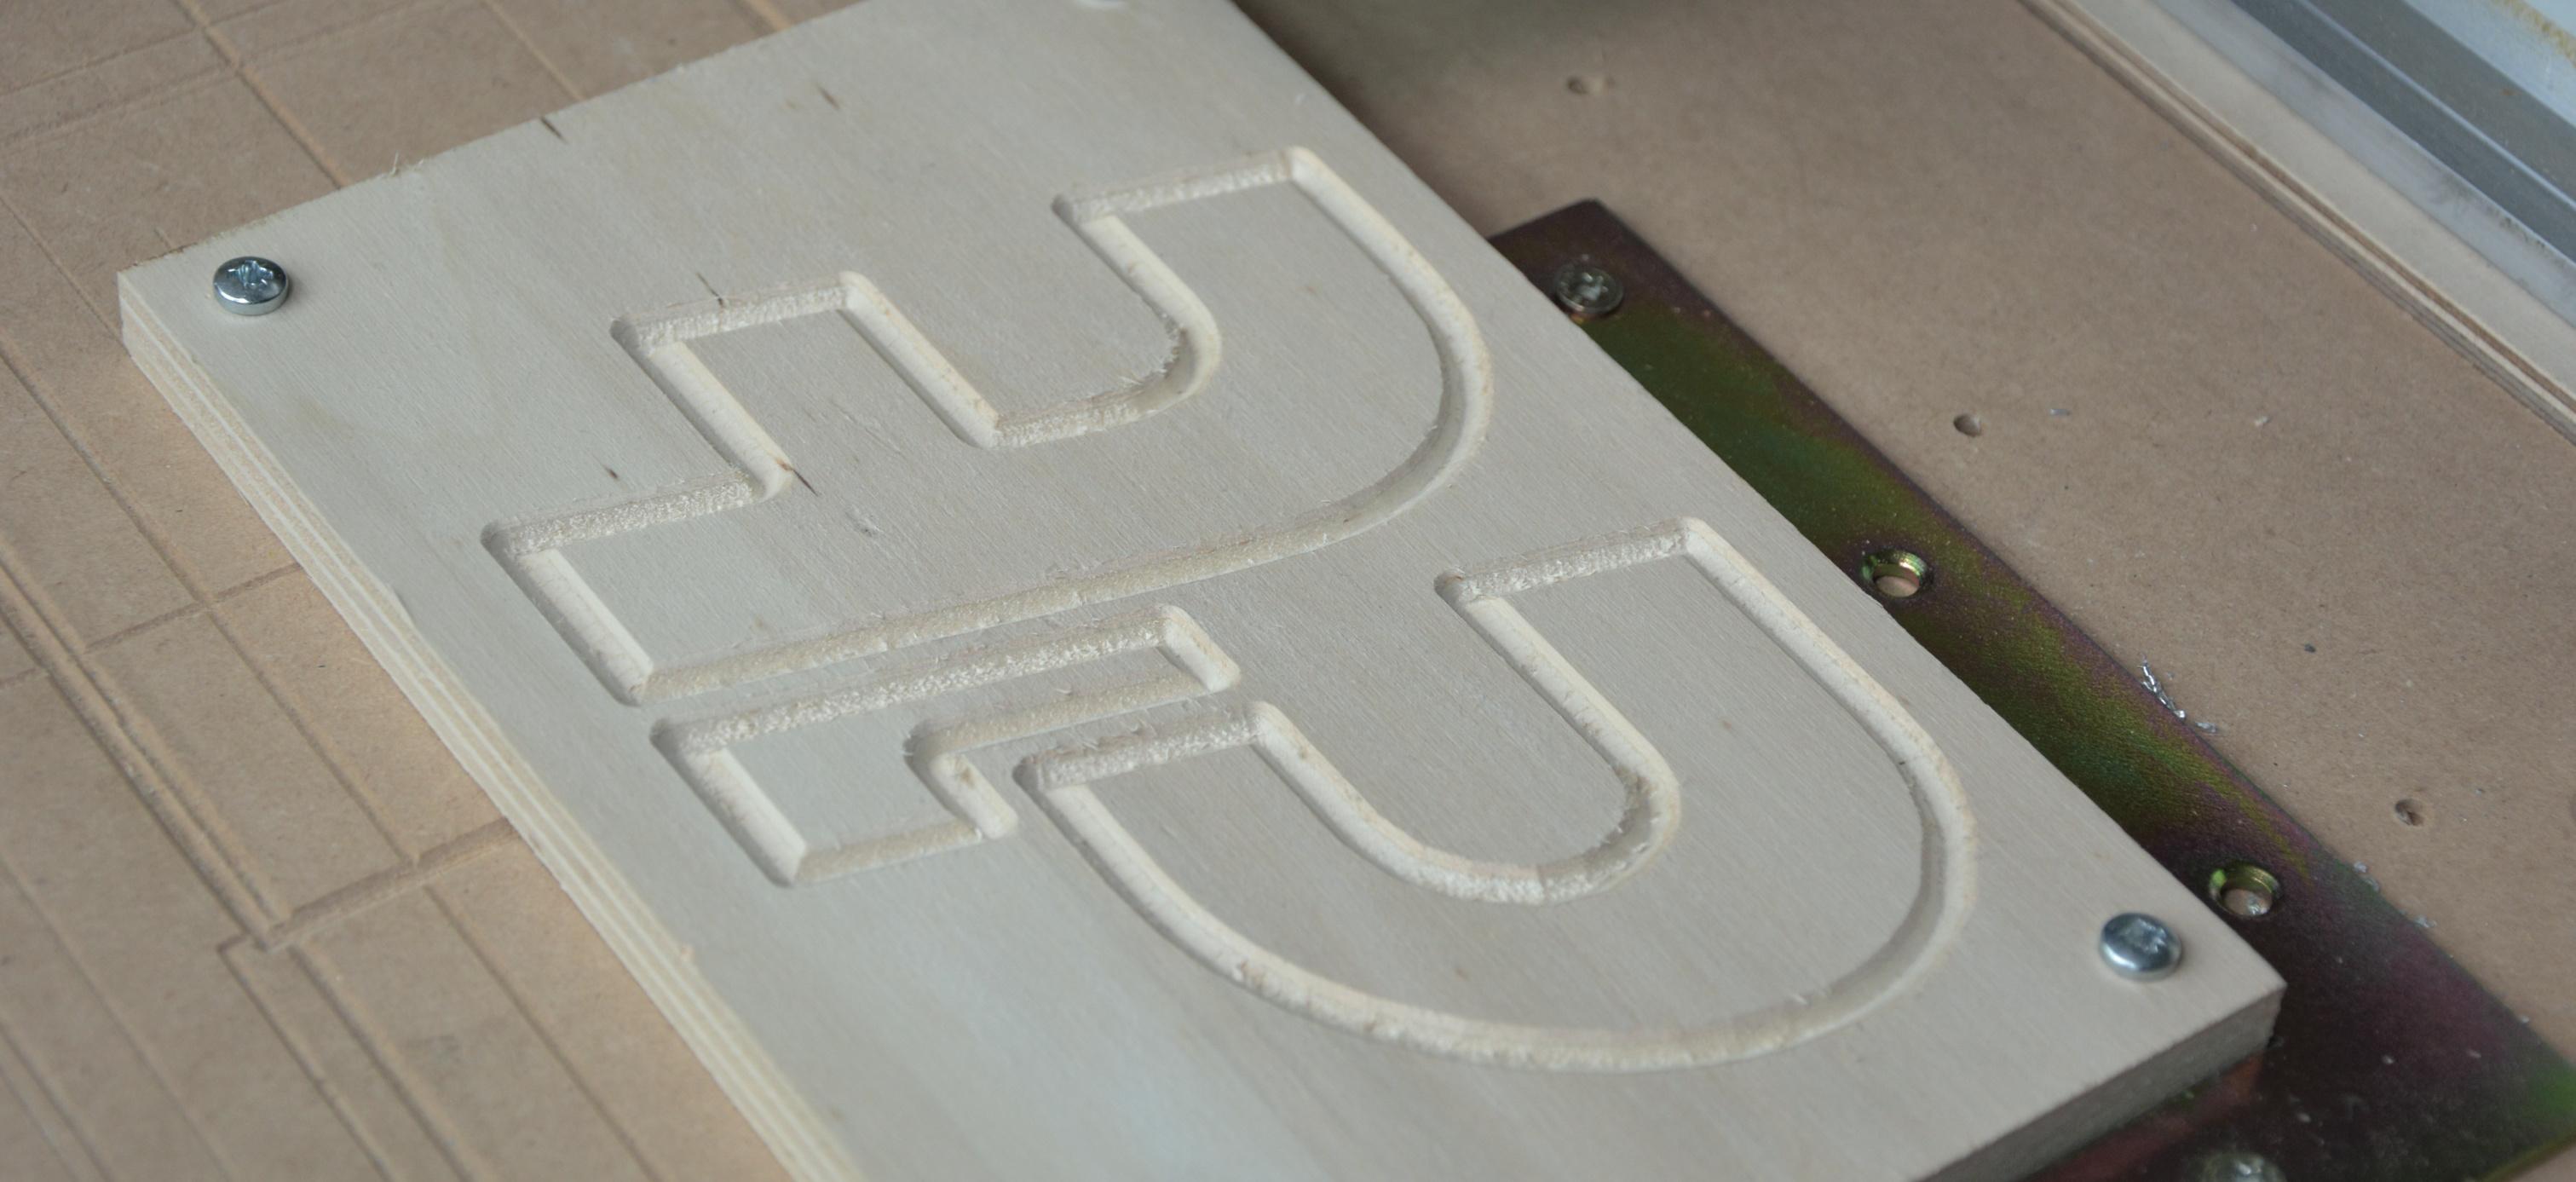 Hervorragend Spannmittel für die CNC-Fräse | Make Magazin | Heise Magazine HV63